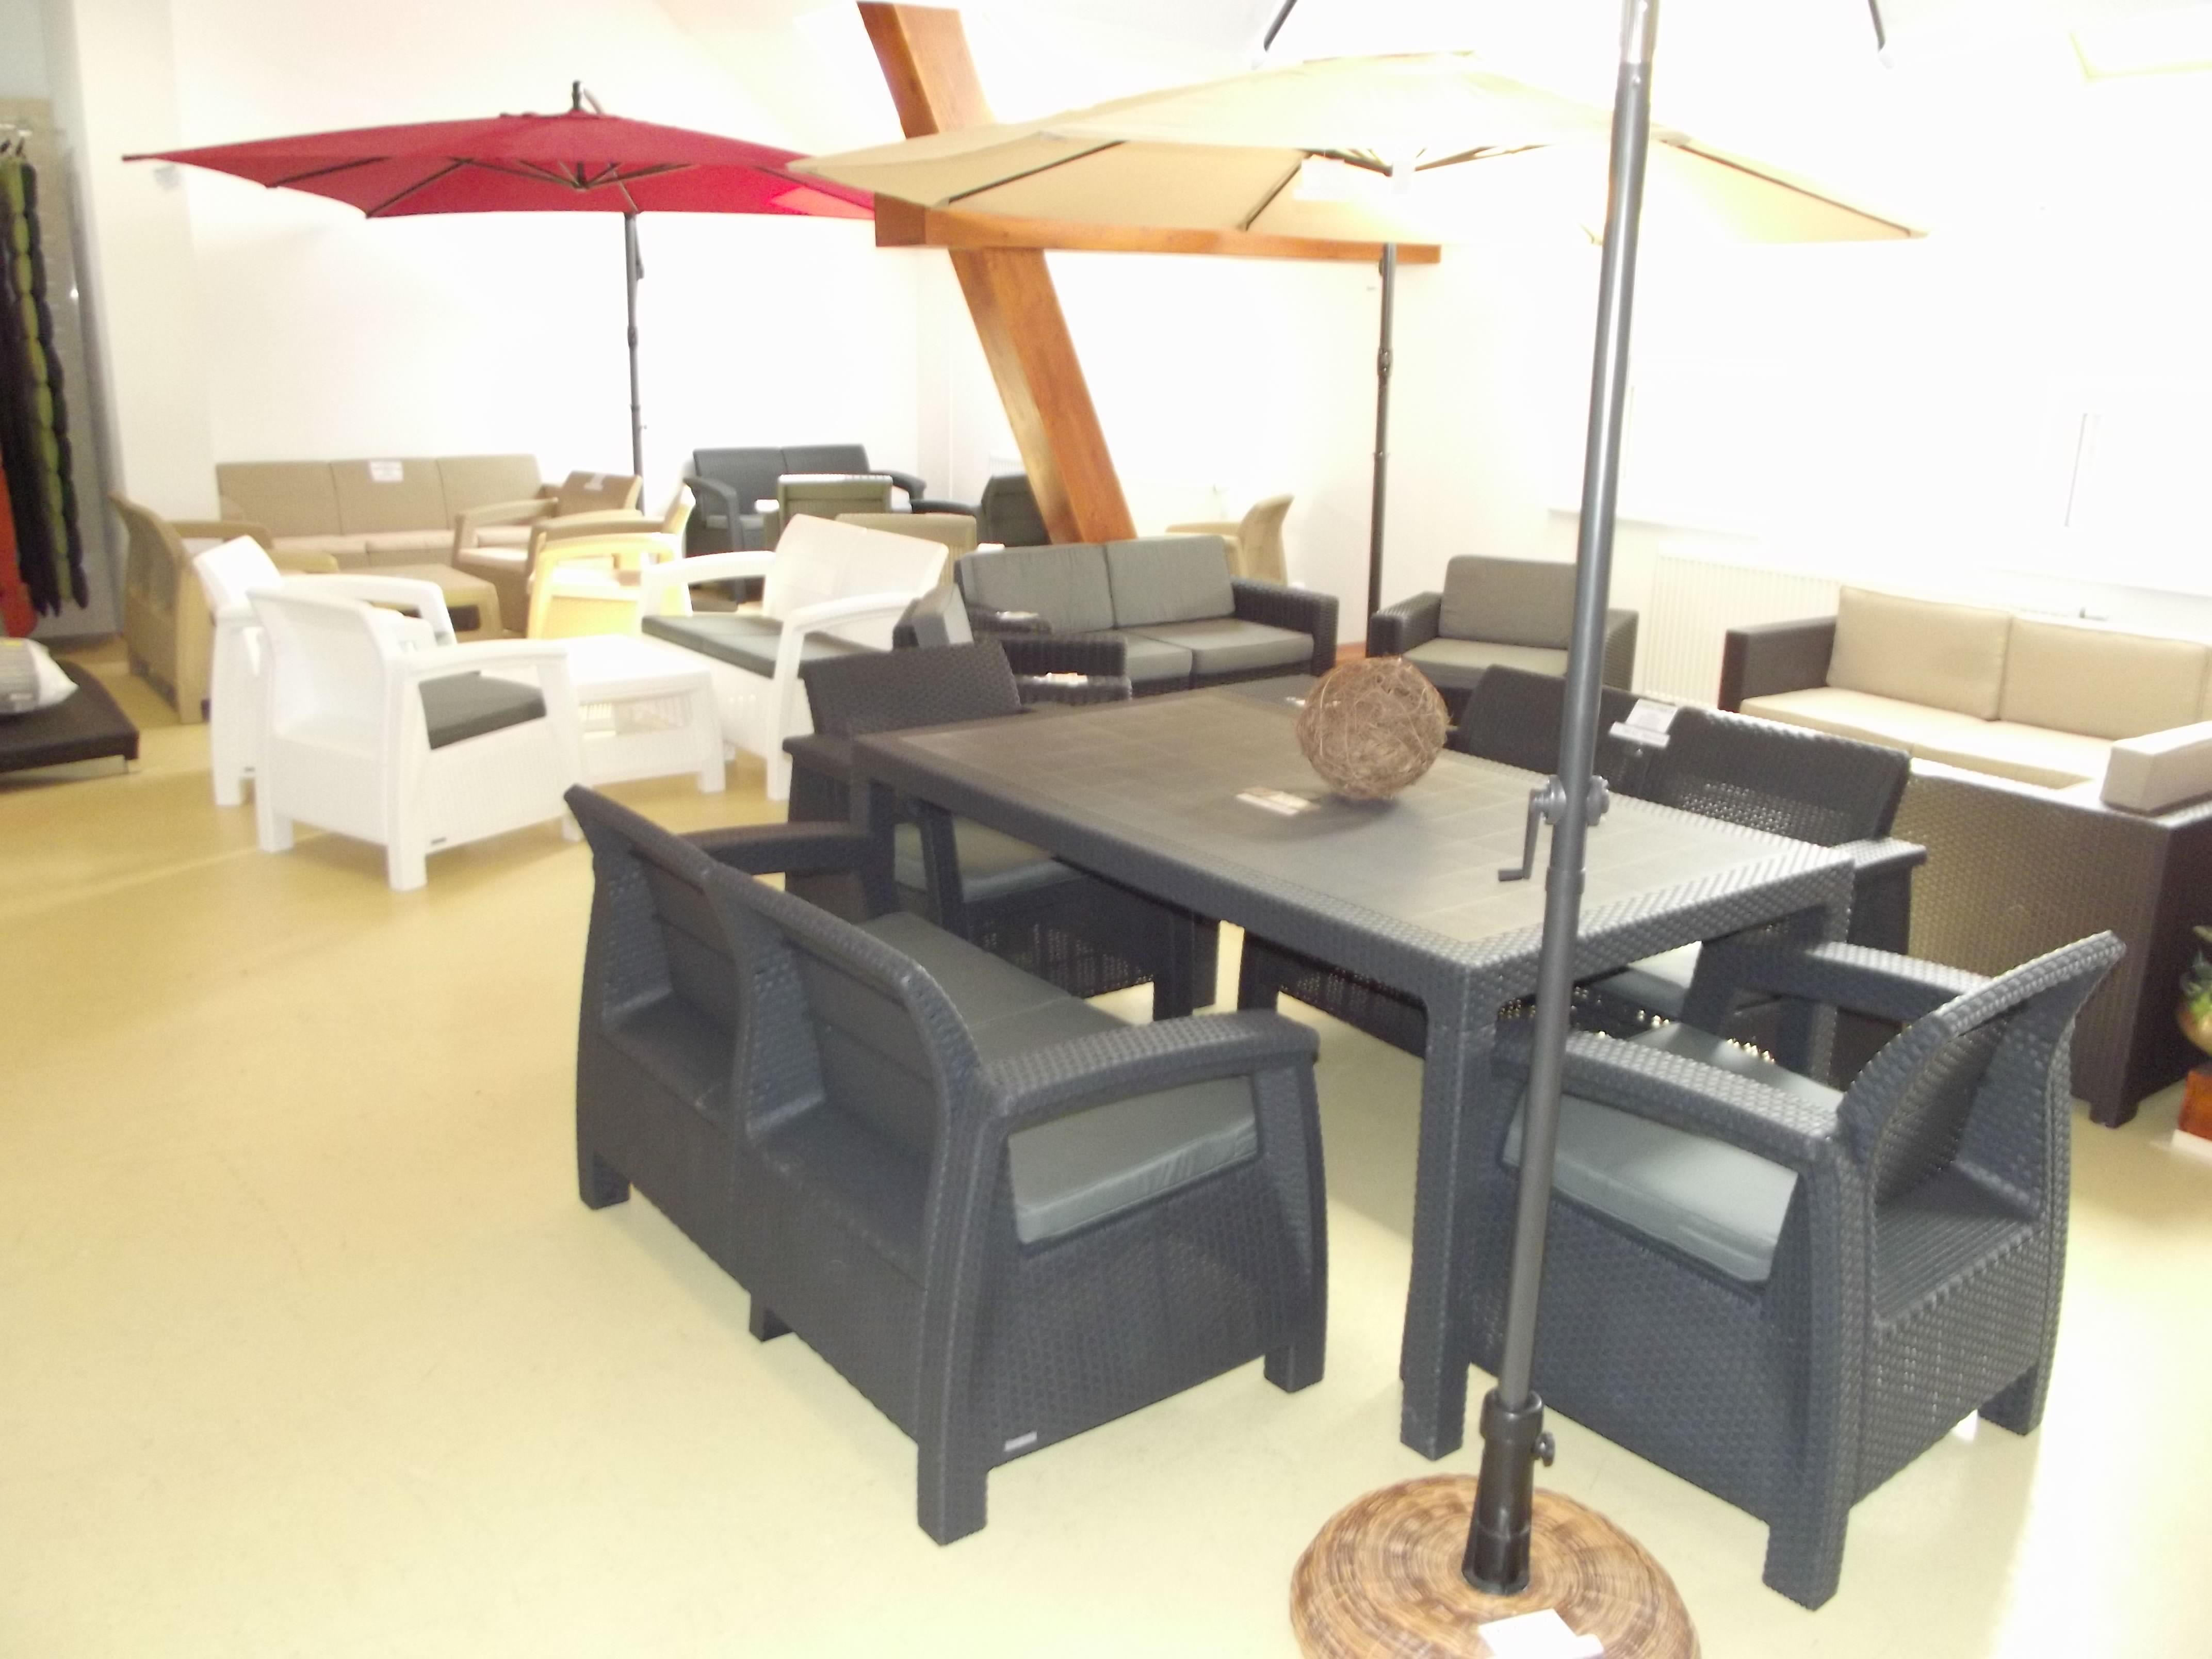 Zahradní nábytek z ratanu, dřeva i plastu